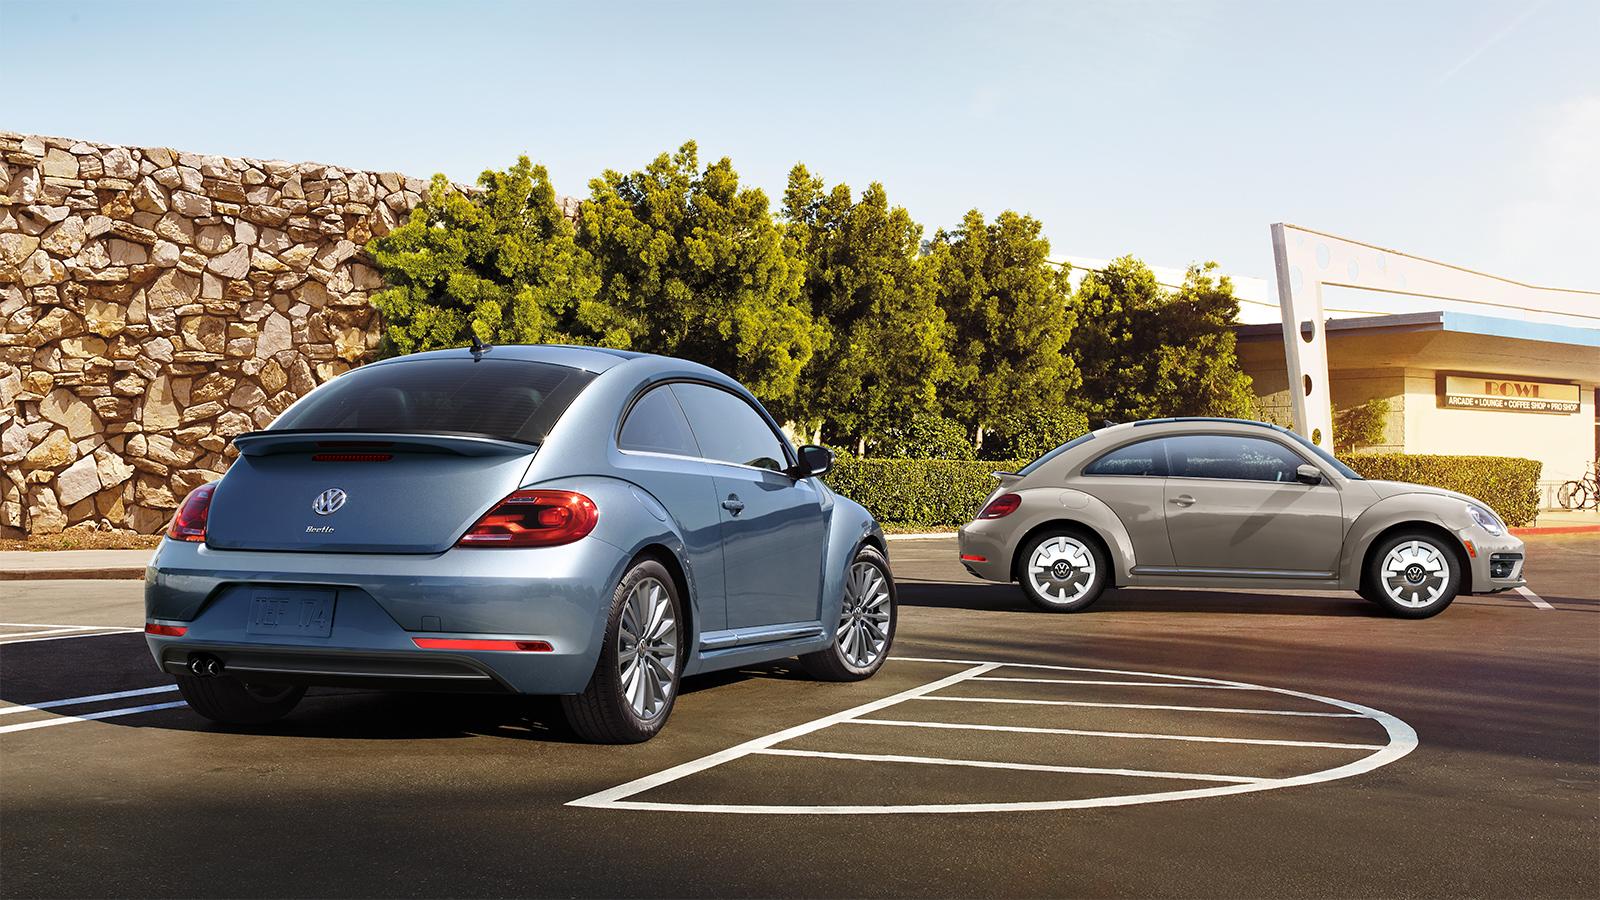 Volkswagen Beetle Final Edition 2019 posterior